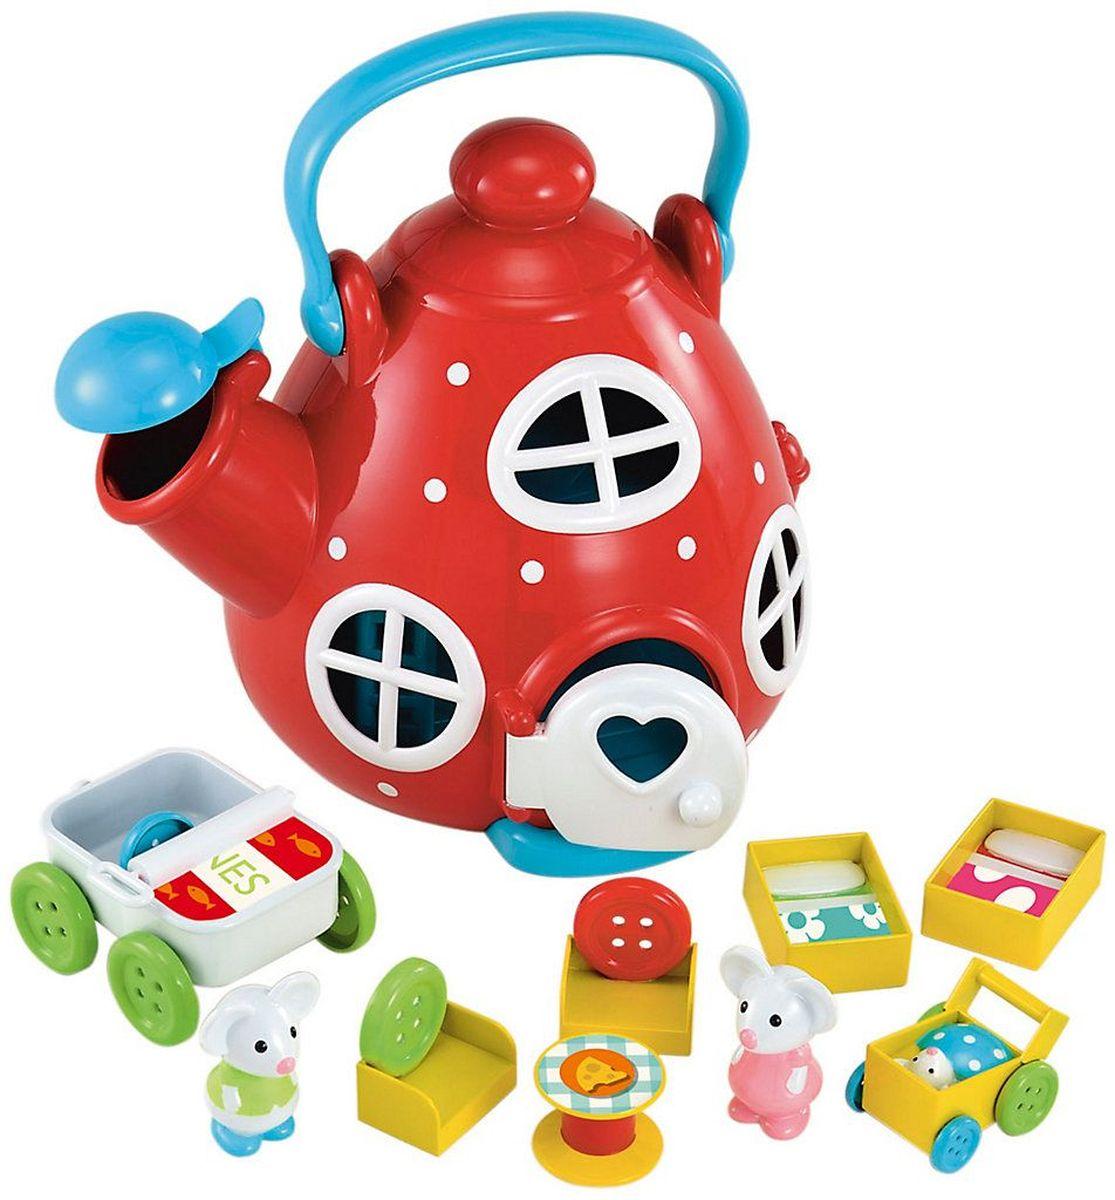 ELC Игровой набор Мышиный домик Чайник134303Игровой набор Мышиный домик Чайник надолго заинтересует вашу малышку. Мышиный домик выполнен в виде чайника с окошками дверью. Внутри разместилась необходимая для мышиного быта мебель: кроватки, кресла, столик. В семействе мышек есть малыш в специальной колясочке. Покатай мышей на их машине, накрой стол к ужину, а потом спусти их в уютную норку. В комплекте - семейство из трех мышей и забавная мебель, которую можно переставлять.